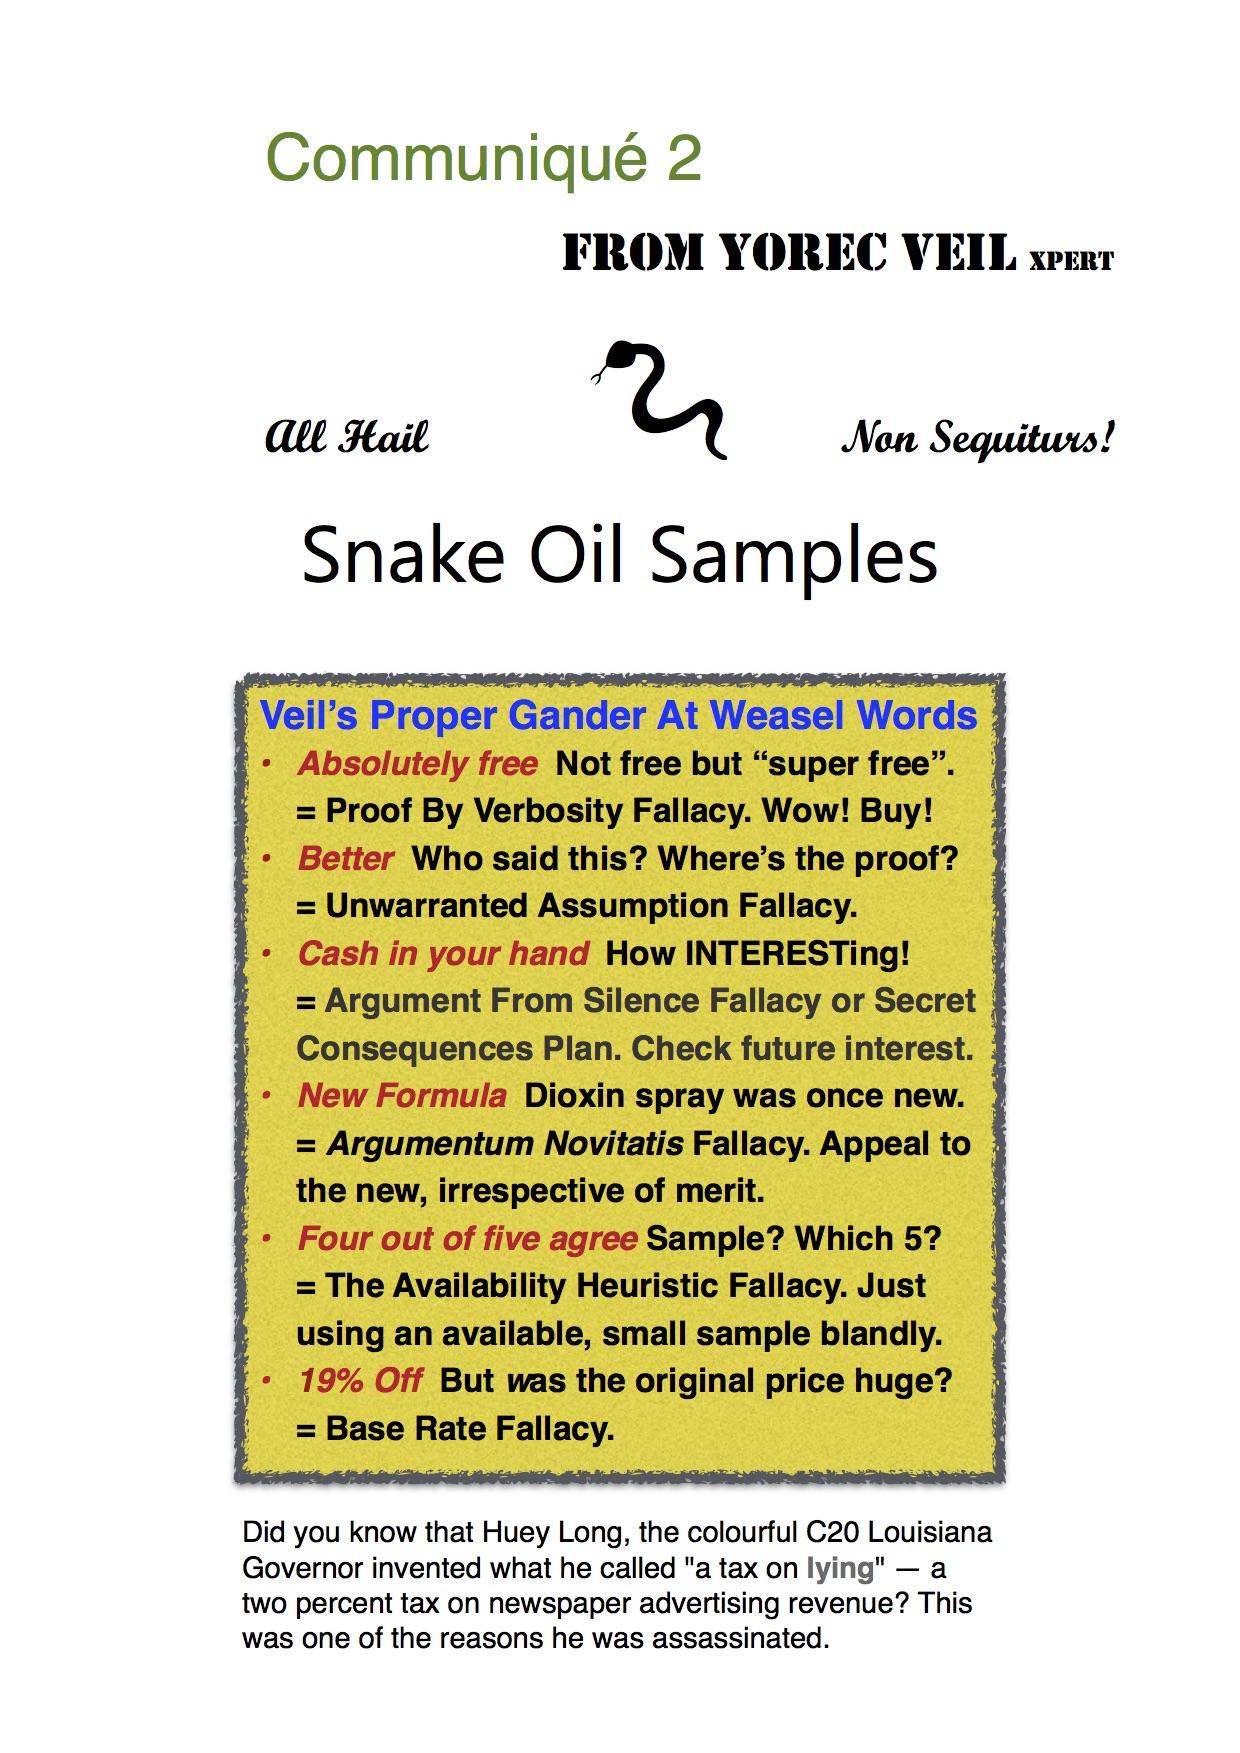 Snake Oil Sales 2